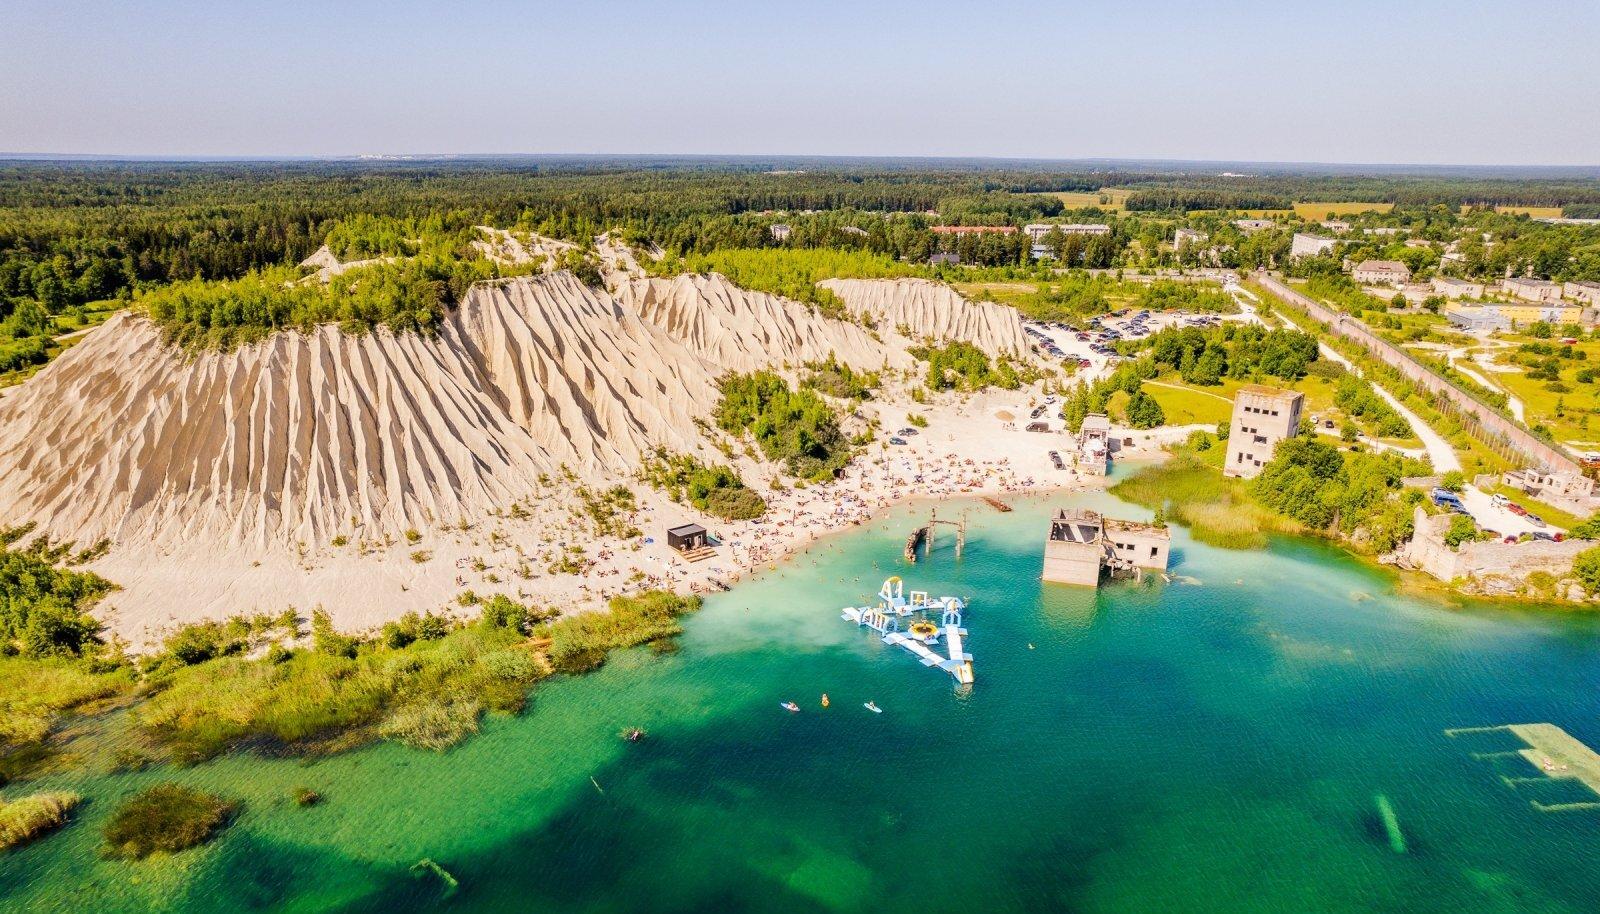 Helesiniseks laguuniks nimetatav Rummu järv on jõudnud ka maailma mainekate loodus- ja turismiväljaannete veergudele.